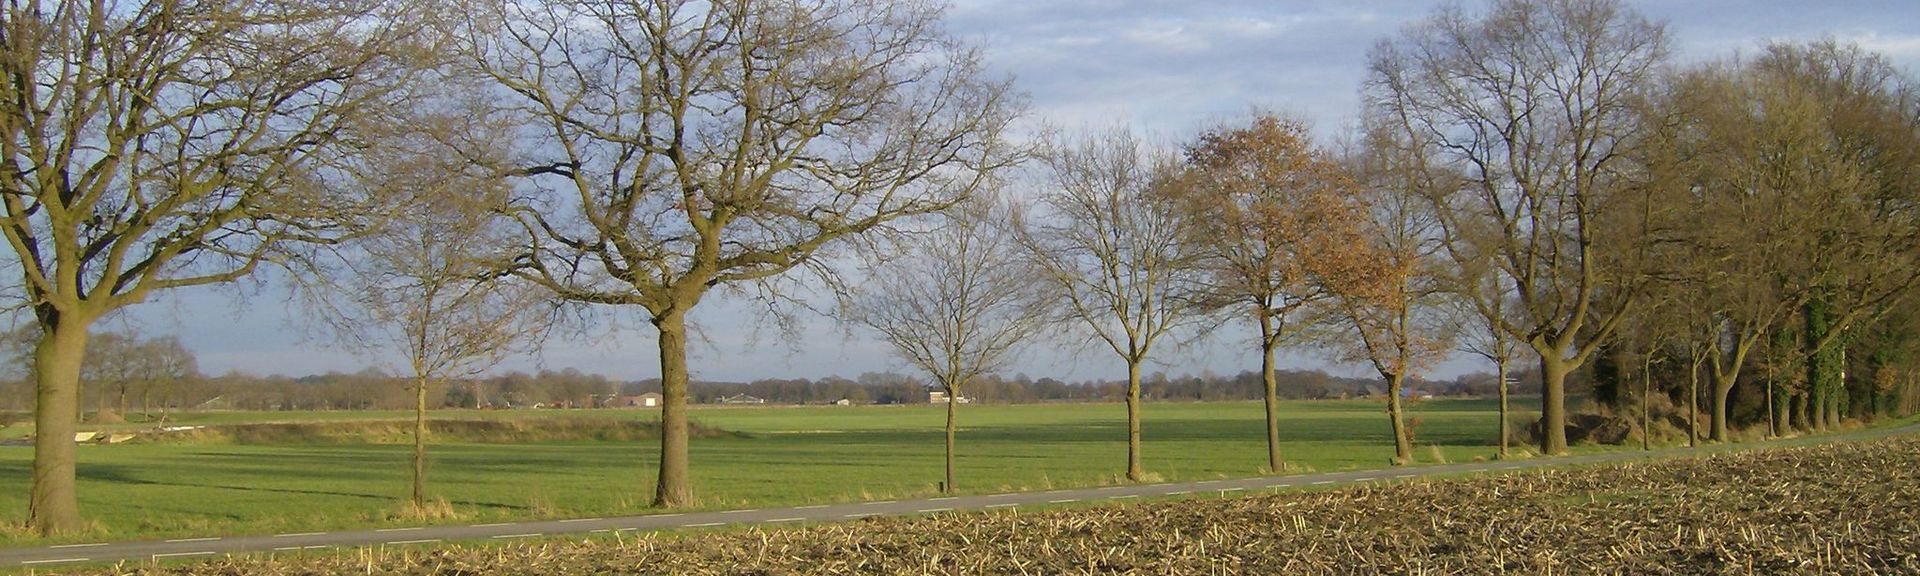 Winterswijk - Meddo, Gelderland, Niederlande